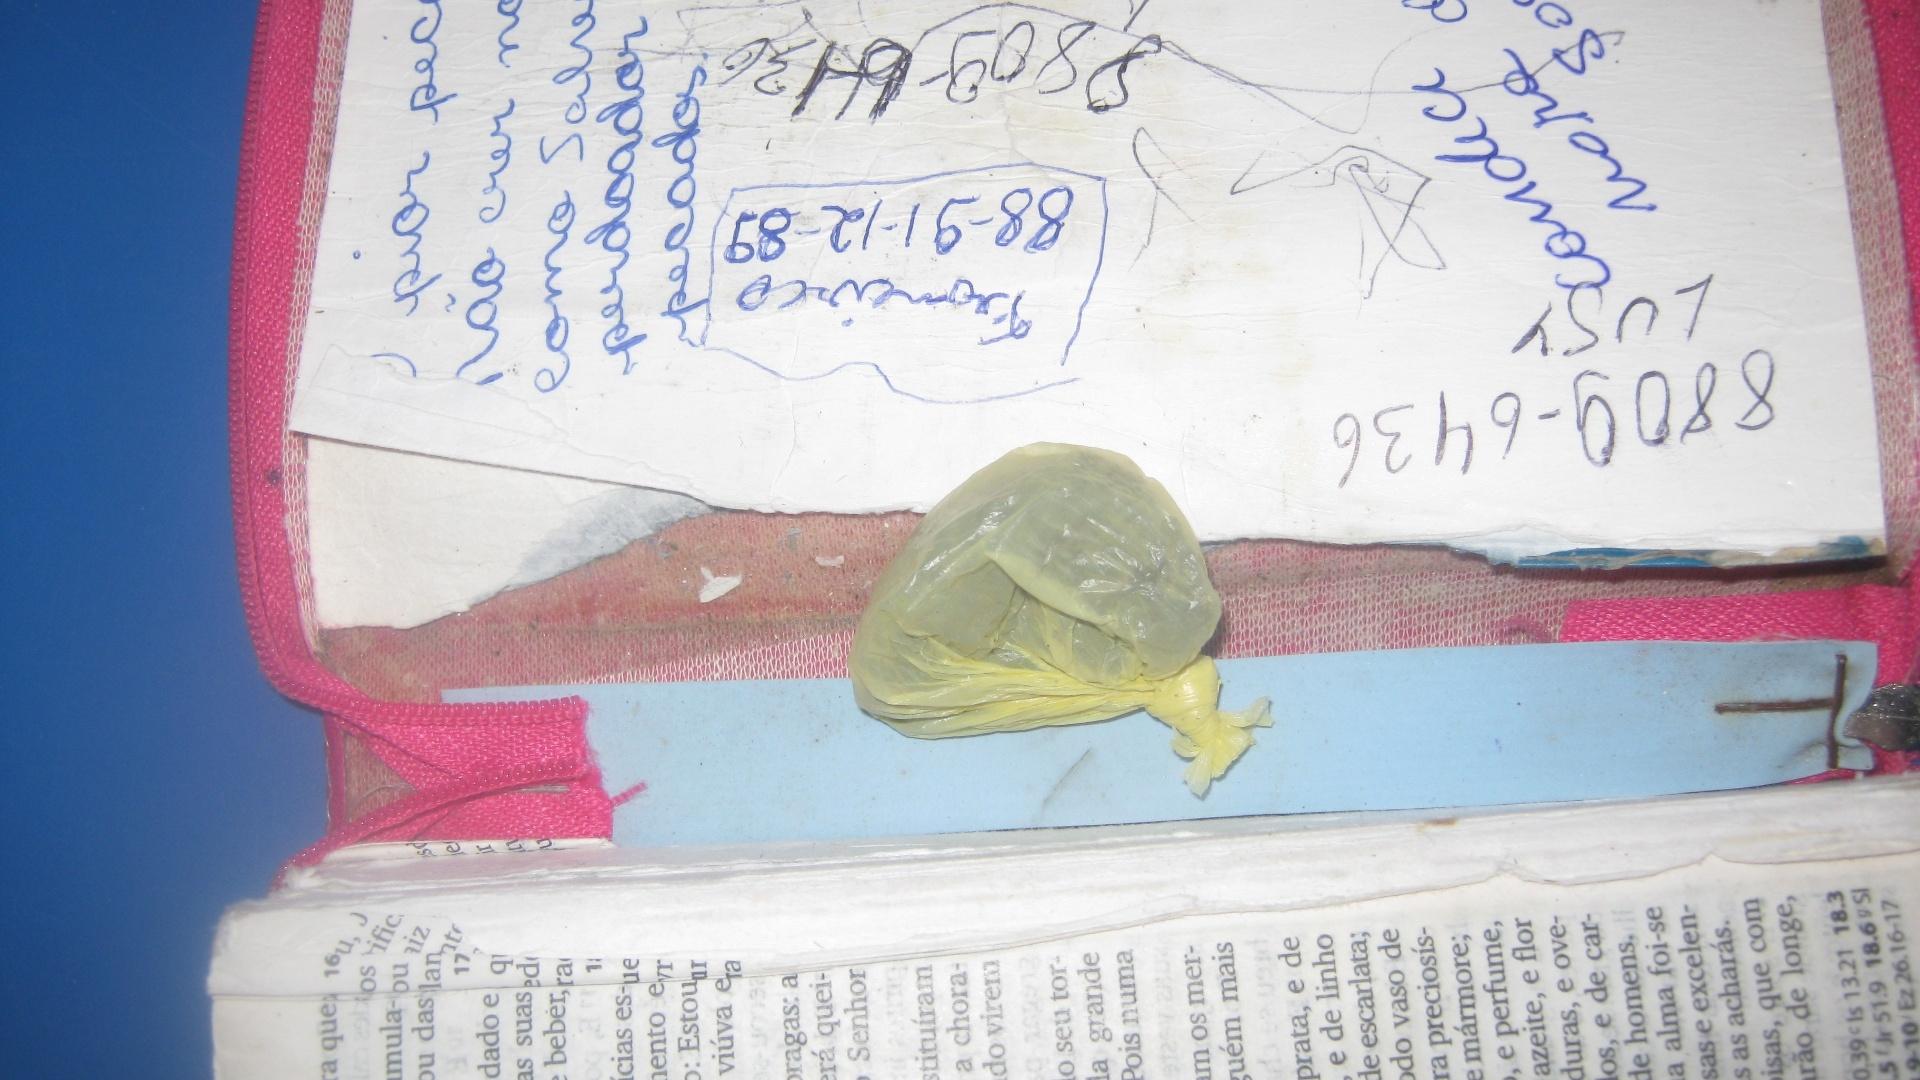 29.ago.2014 - Em uma vistoria em presídio de Natal (RN), foram encontradas três bíblias recheadas de maconha. A inspeção ocorreu no CDP (Centro de Detenção Provisória) da Ribeira, localizado na zona leste de Natal. A droga era escondida entre a capa e as páginas das bíblias, que eram fechadas com um zíper para que os agentes penitenciários não desconfiassem. Também foram apreendidos diversos aparelhos de telefone celular, chips e carregadores. A Coape (Coordenadoria de Administração Penitenciária) instaurou inqu�